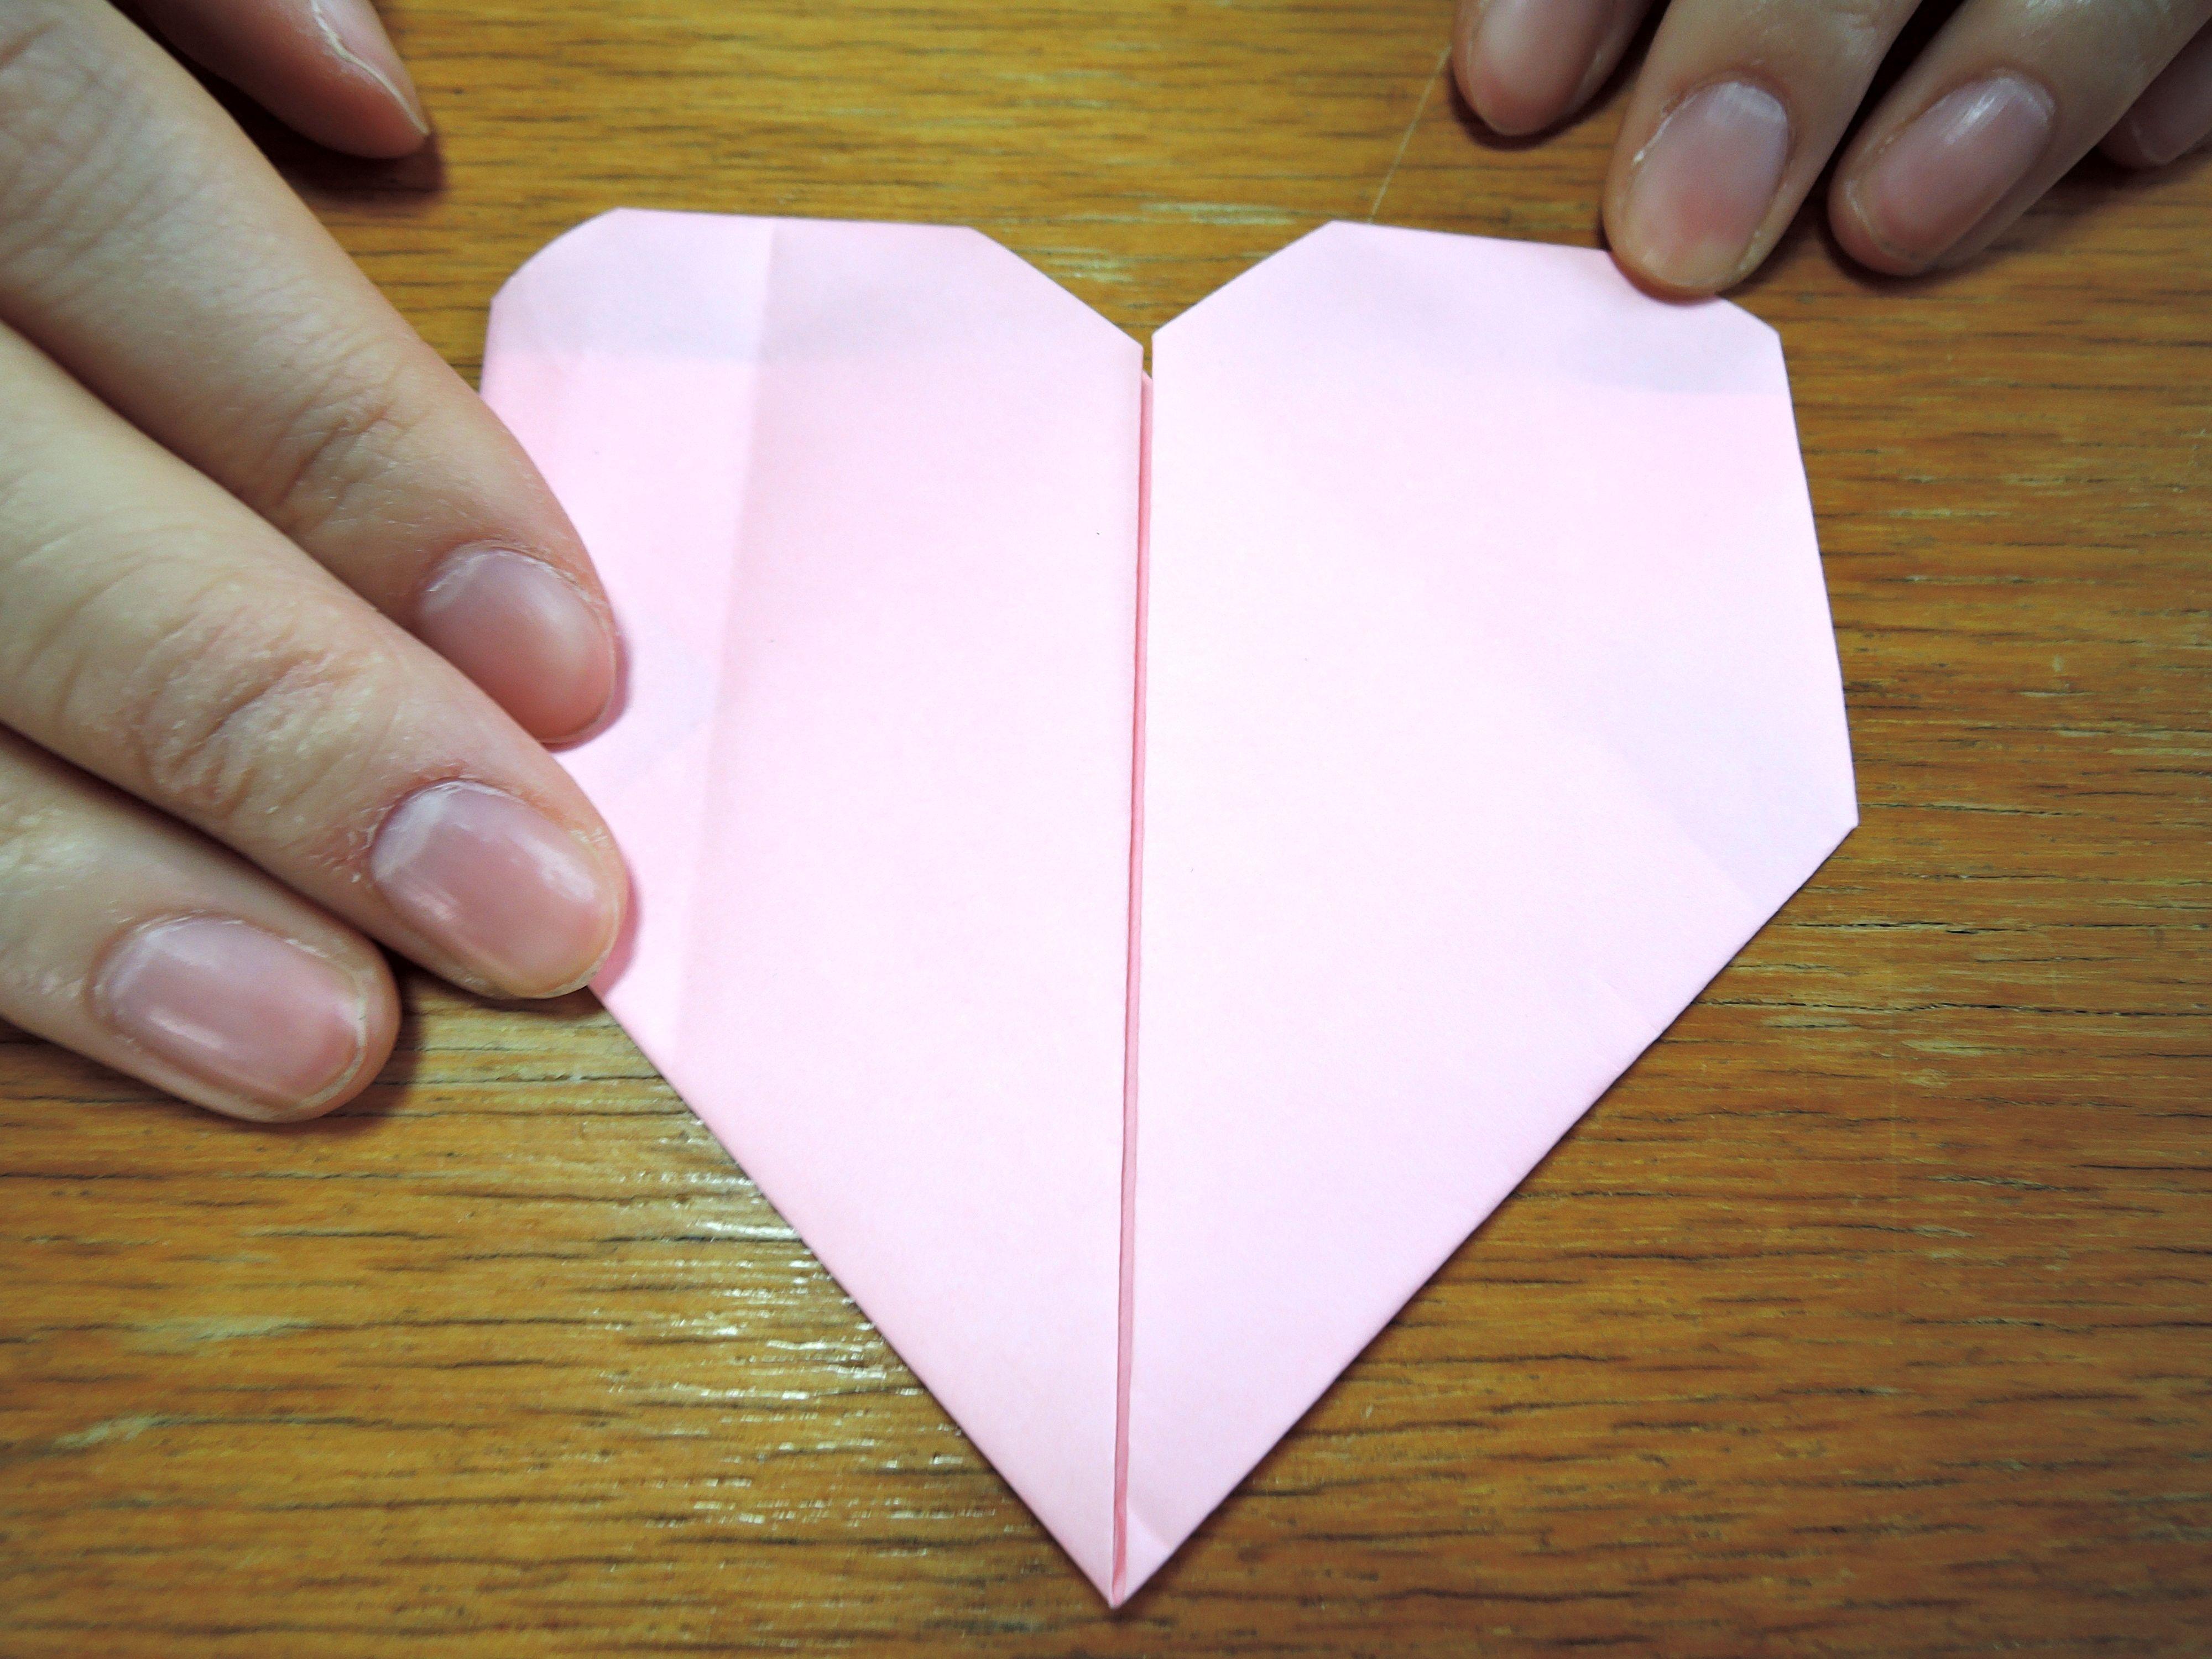 すべての折り紙 折り紙 ブーケ 折り方 簡単 : ... 簡単に折れる折り紙の折り方